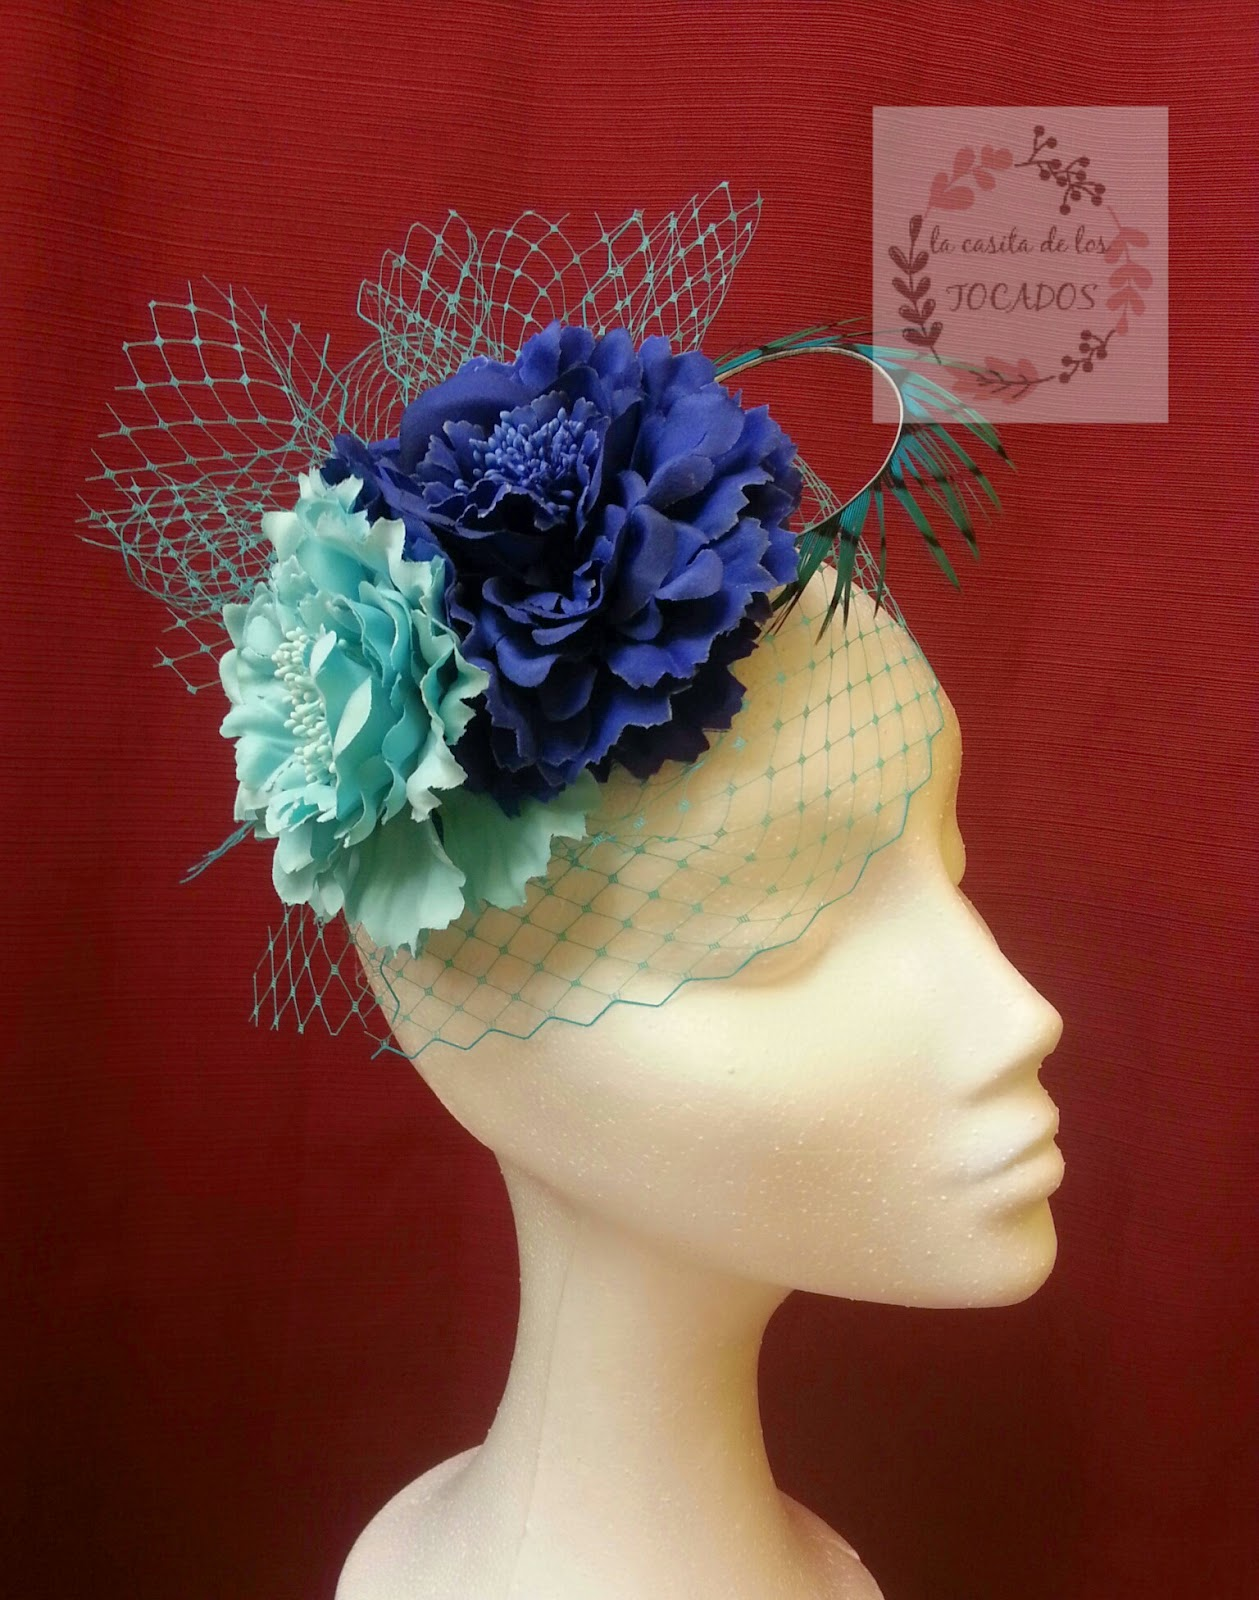 tocado para boda con flores de clavel y velo a la cara en colores azul y turquesa